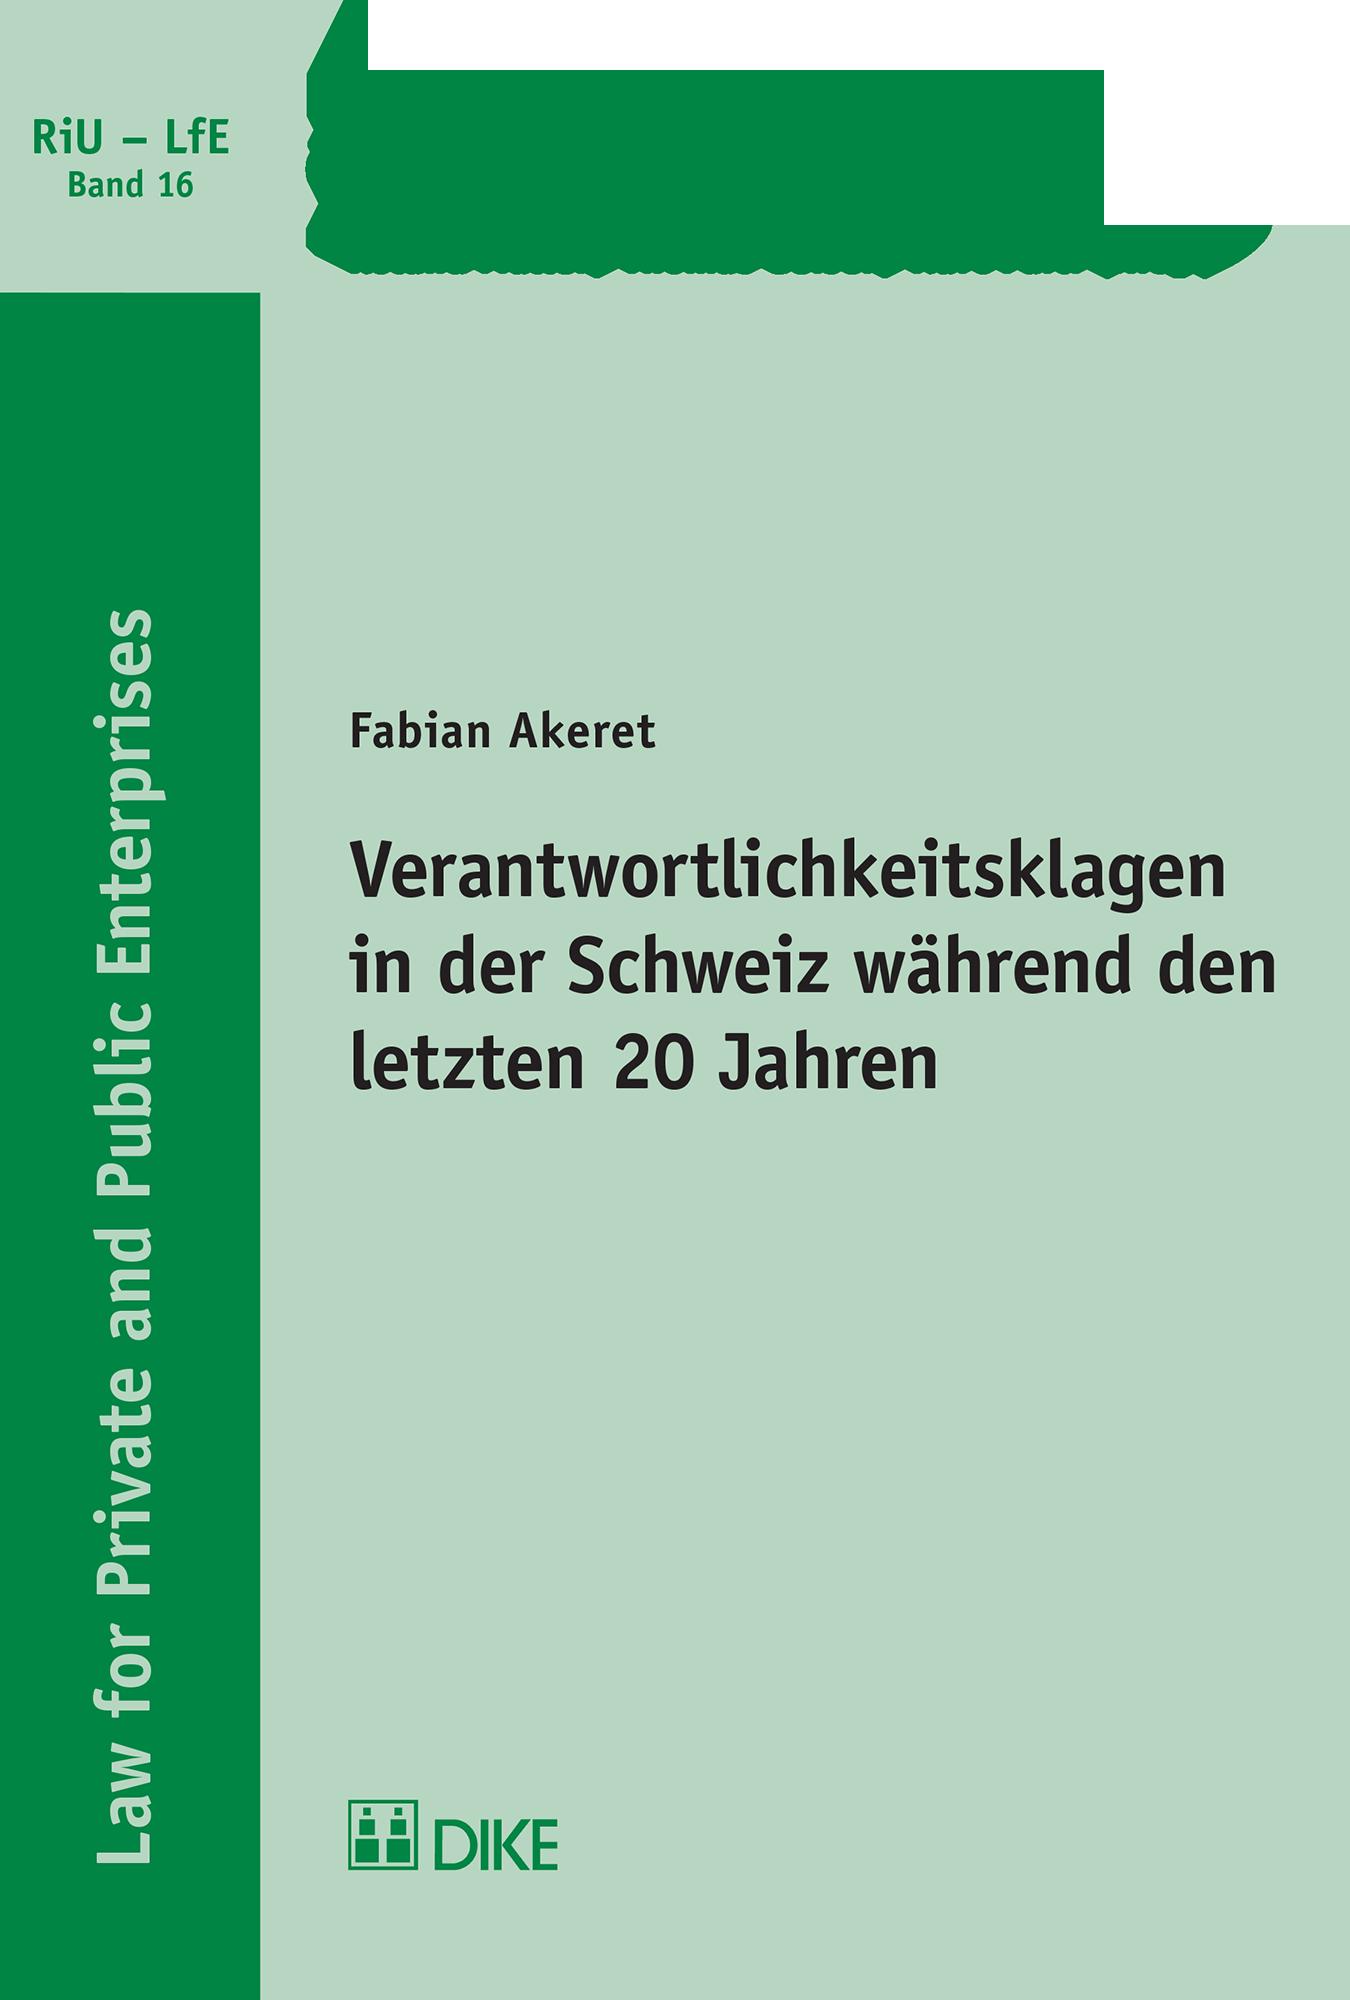 Verantwortlichkeitsklagen in der Schweiz während den letzten 20 Jahren